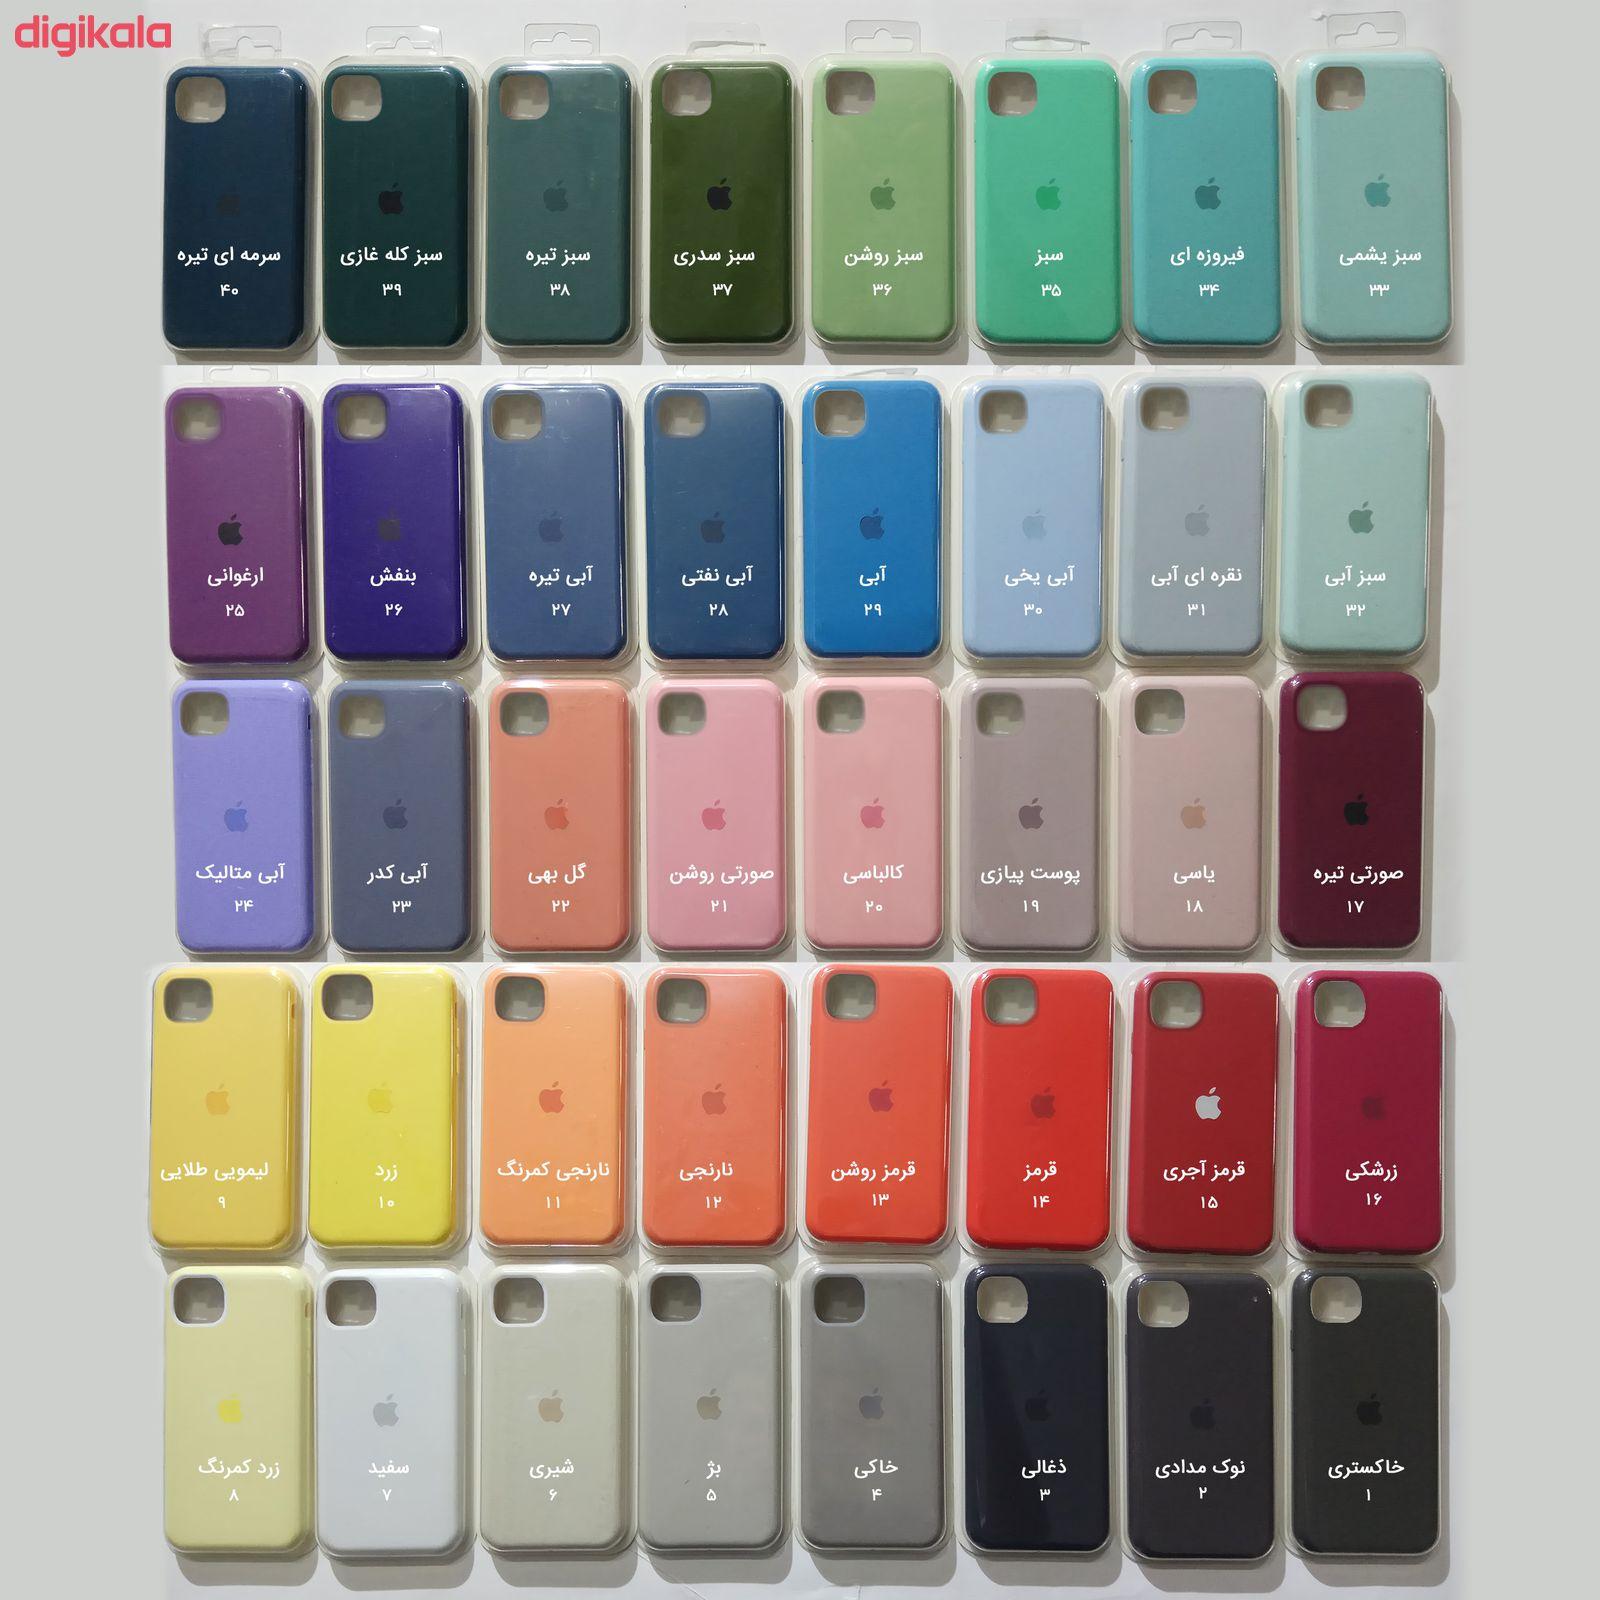 کاور وی کیس مدل Si01 مناسب برای گوشی موبایل اپل iPhone 11 Pro main 1 2